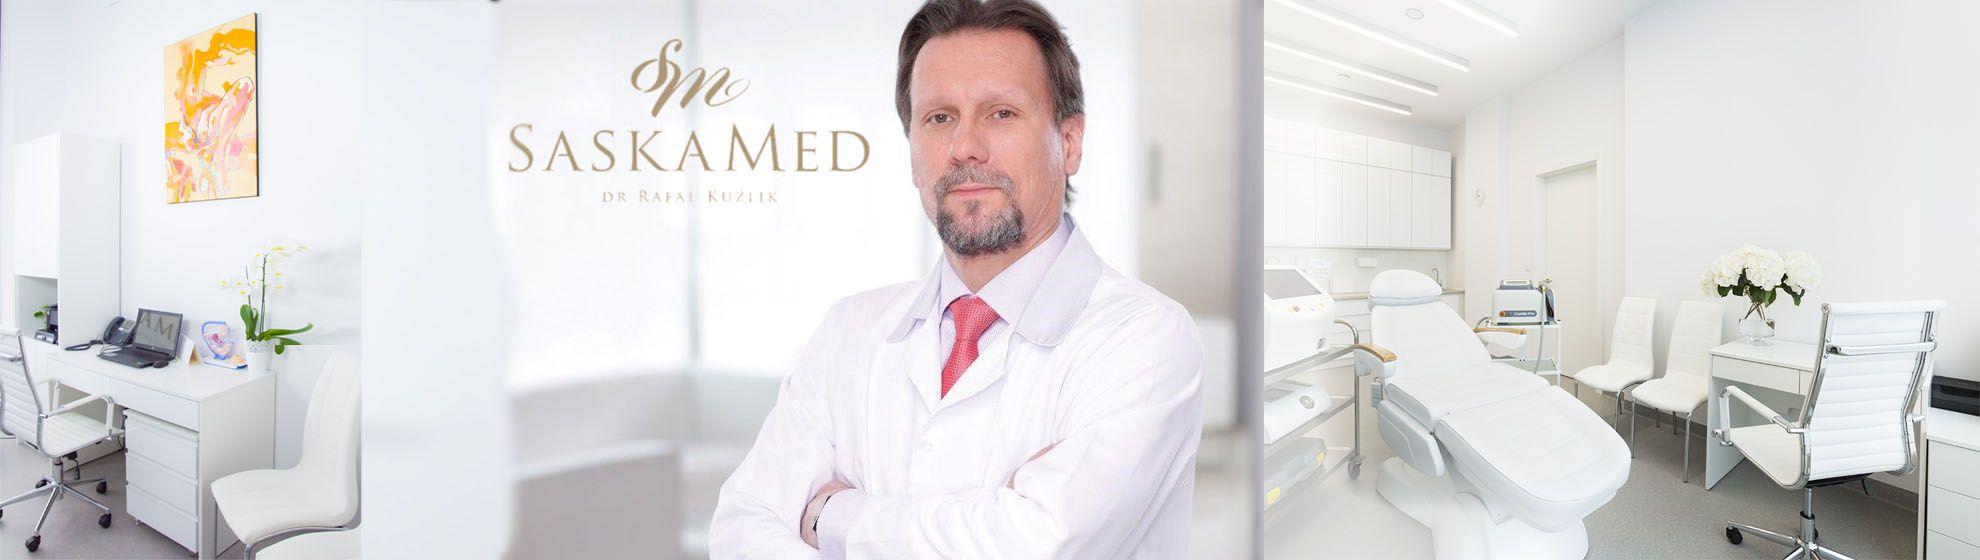 dr n. med. Rafał Kuźlik SaskaMed - Ginekologia plastyczna i rekonstrukcyjna